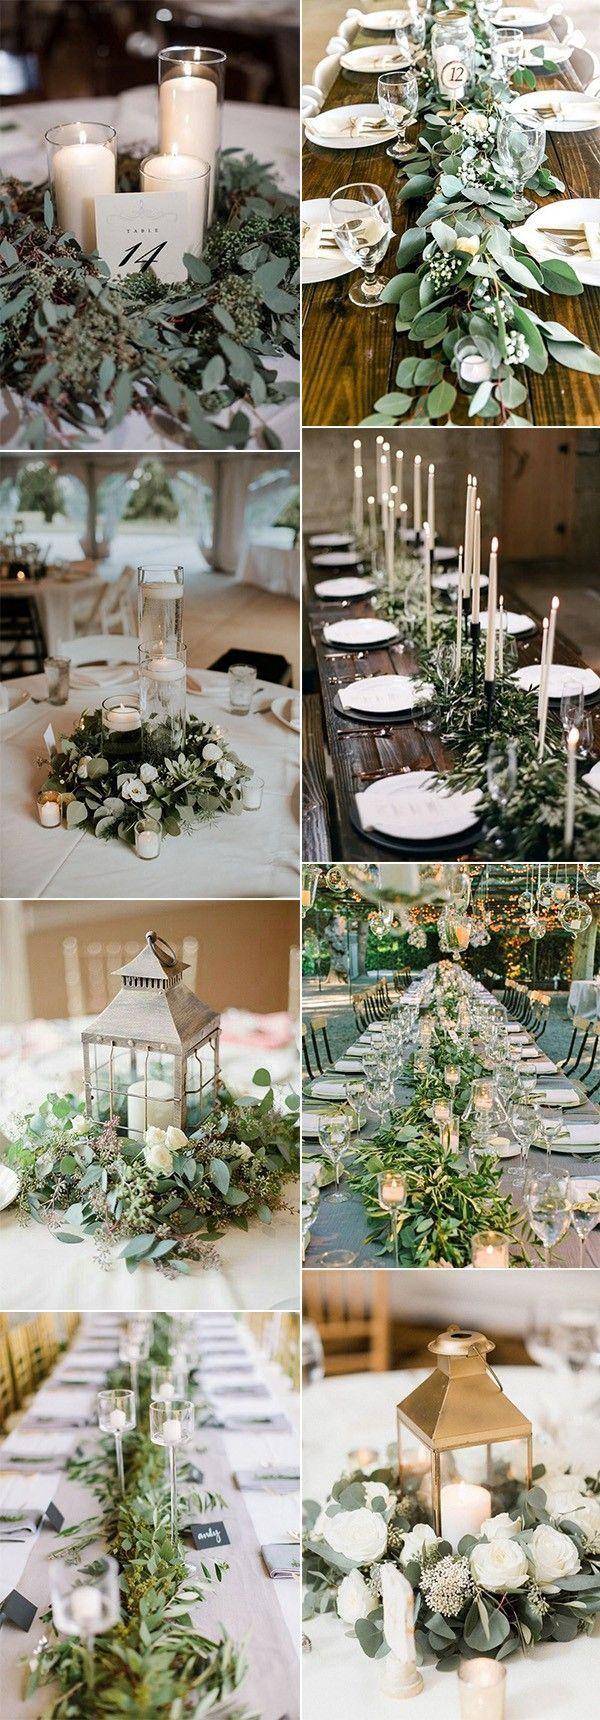 Centros de boda ecológicos para 2018 Trends Wedding Trends Weddingideas wed … is part of Green wedding centerpieces - Centros de boda ecológicos para 2018 tendencias  Nuestras tendencias Boda wedd …   decoración de pared